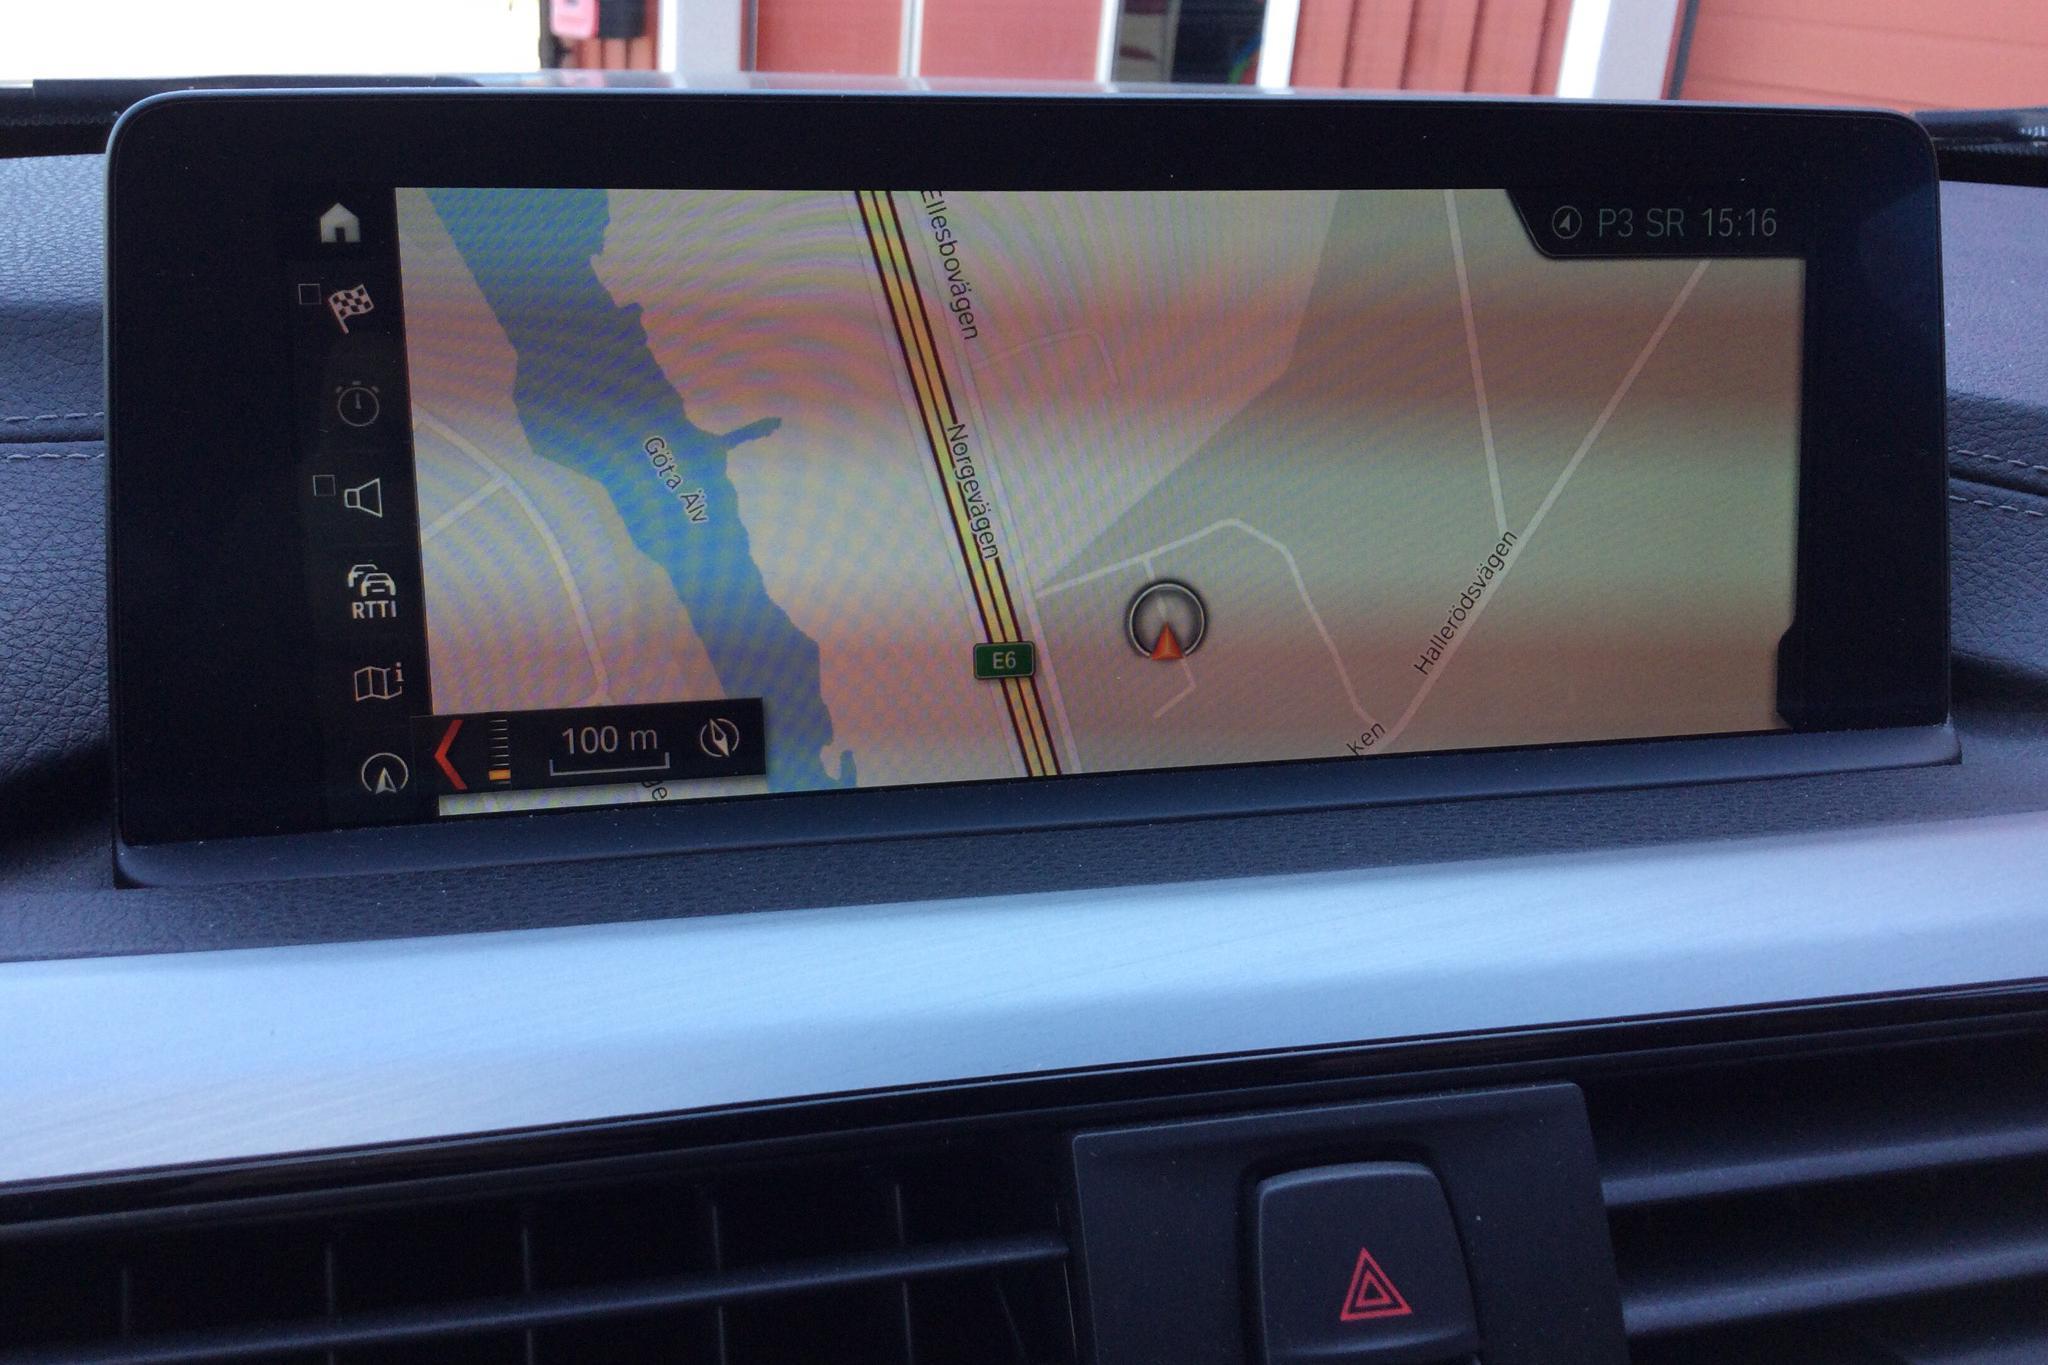 BMW 320d xDrive Sedan, F30 (190hk) - 35 620 km - Automatic - black - 2018